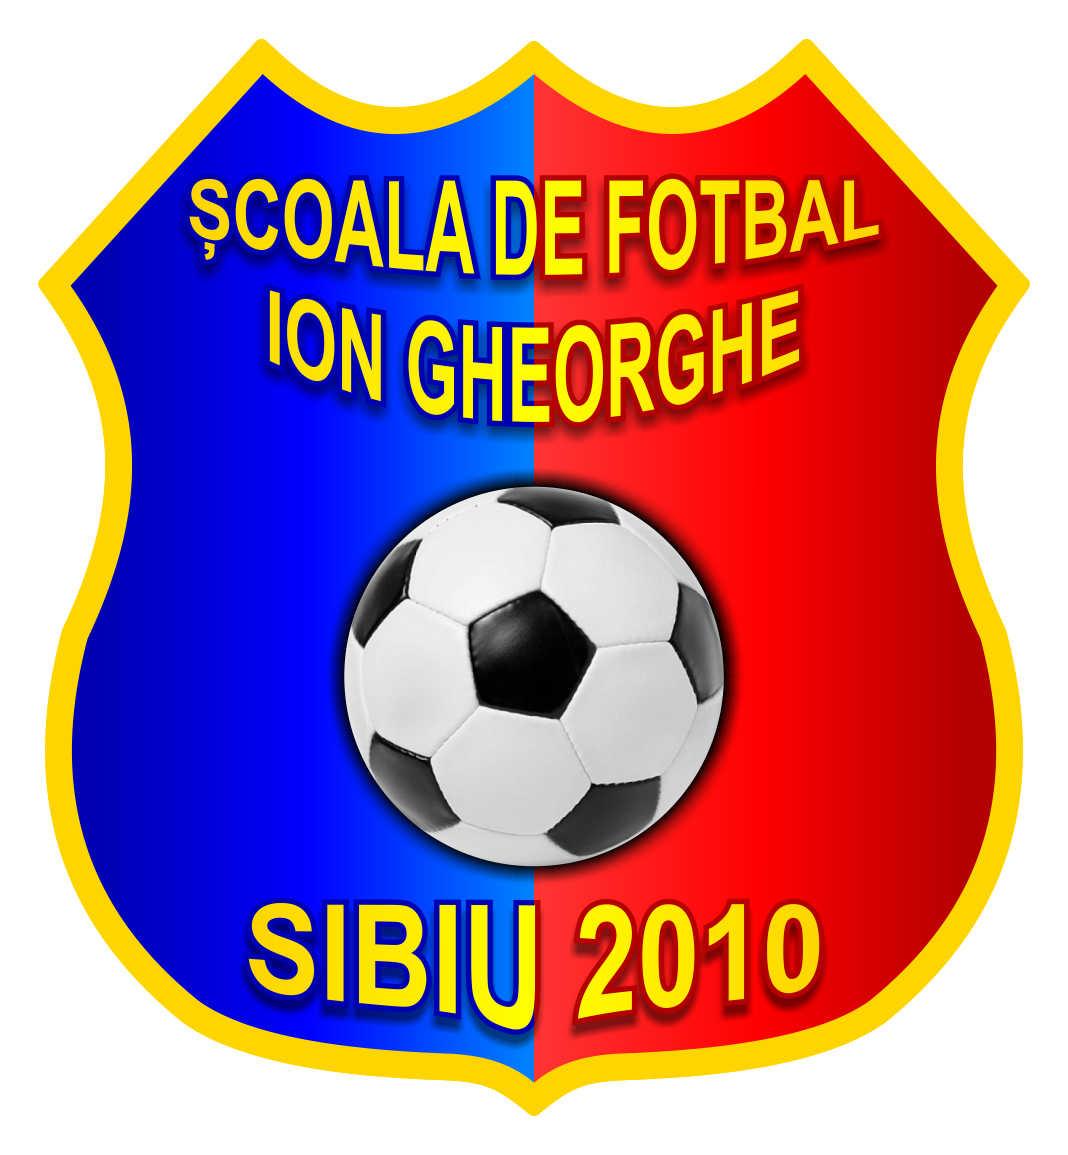 ASSF Ion Gheorghe Sibiu